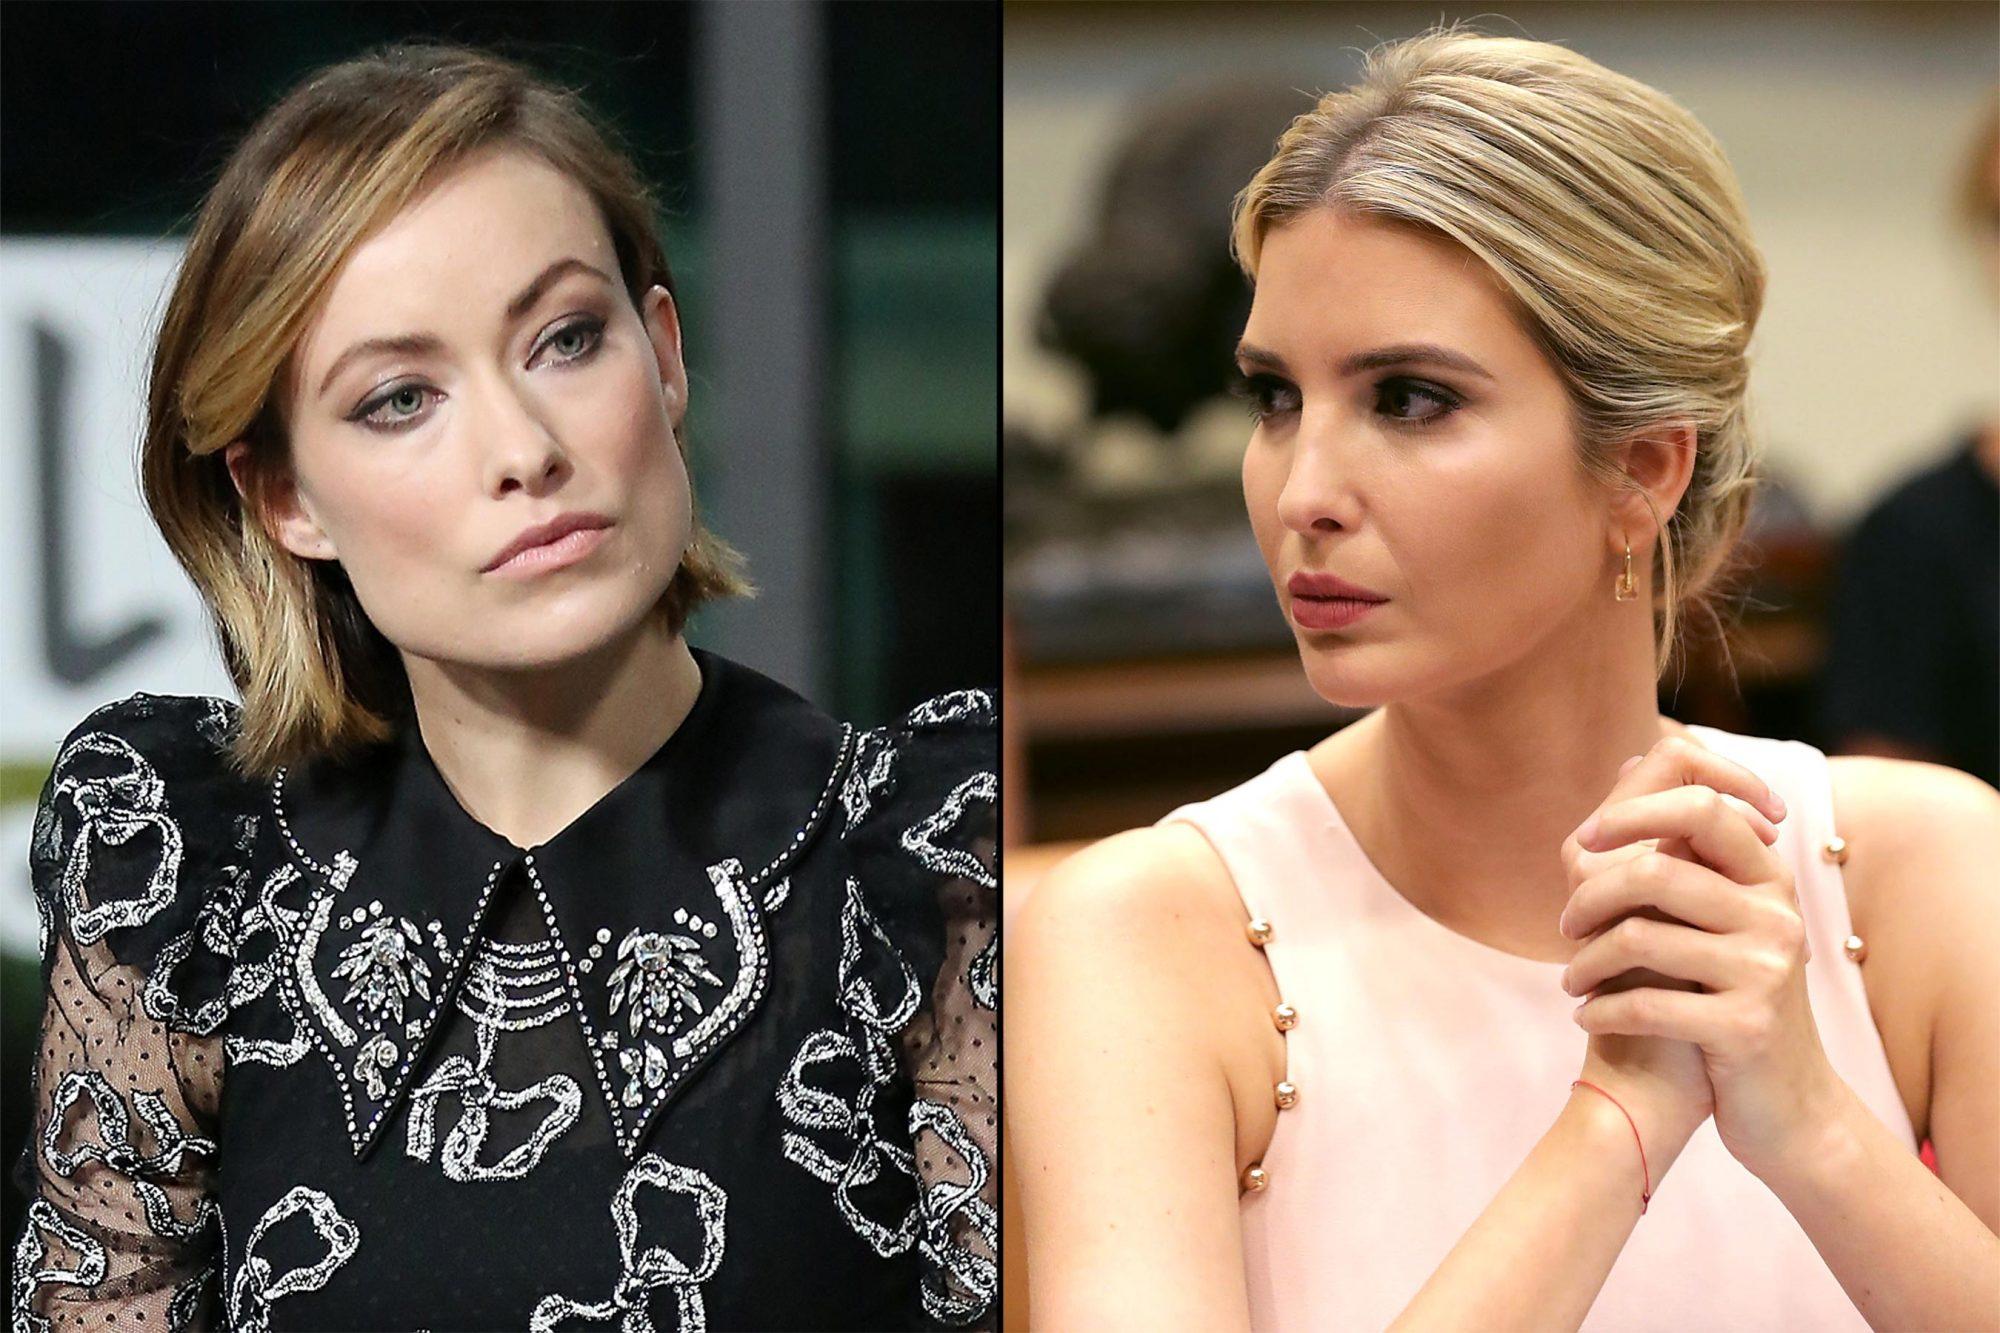 Olivia-Wilde-Ivanka-Trump